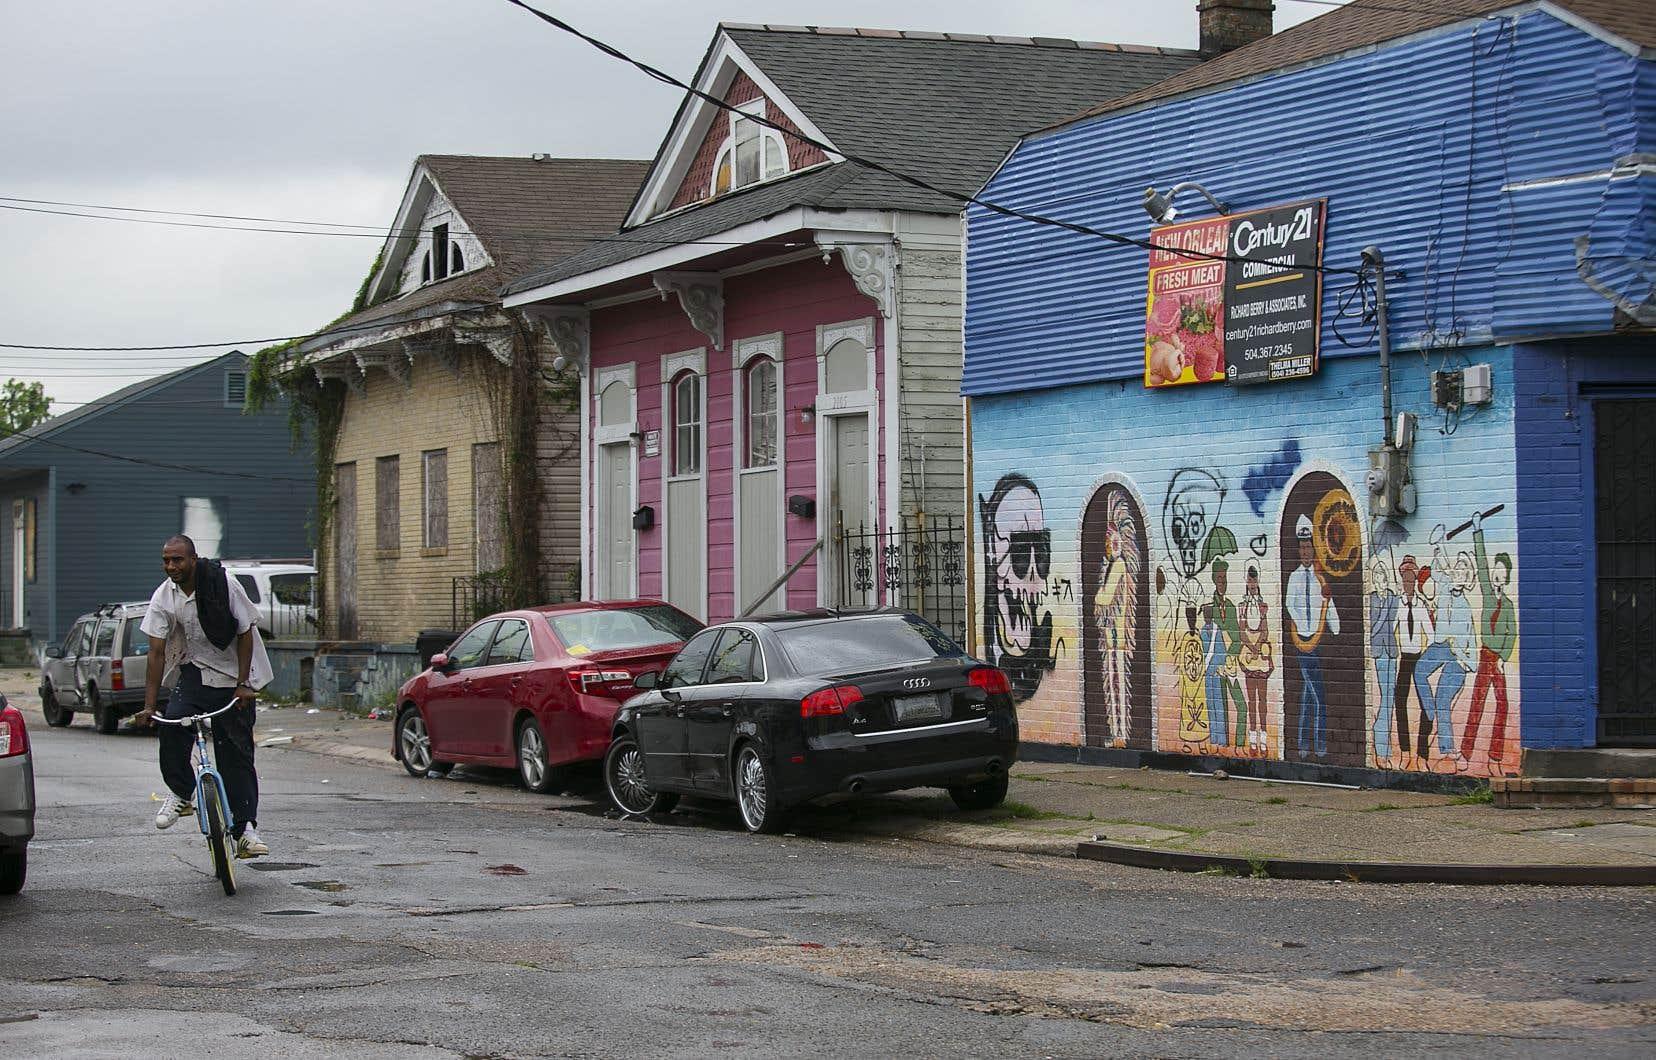 Des voitures luxueuses font leur apparition dans le quartier pauvre de Seventh Ward, au nord-est de La Nouvelle-Orléans.